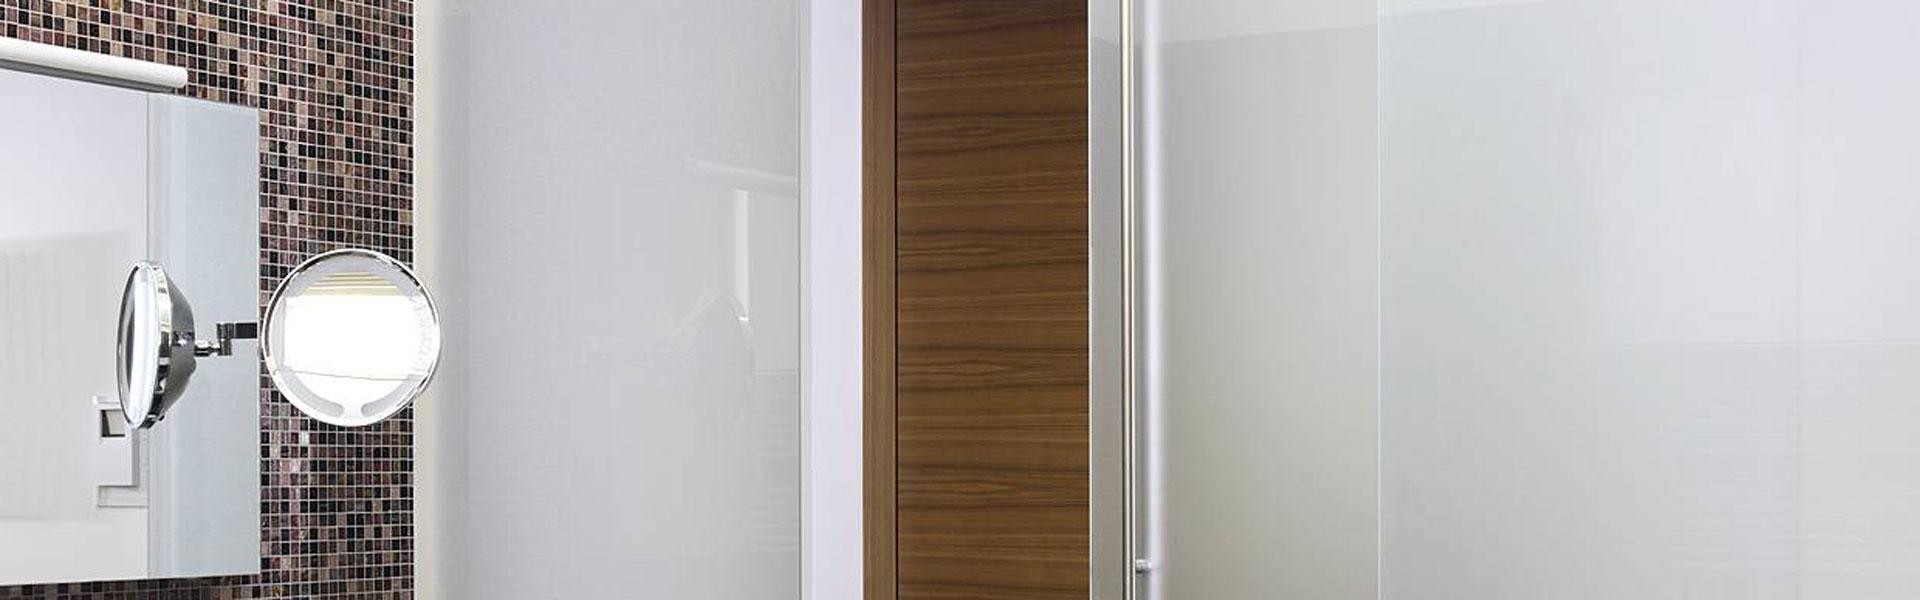 isolierglas und glasfolien von der glaserei winkler in m nchen. Black Bedroom Furniture Sets. Home Design Ideas